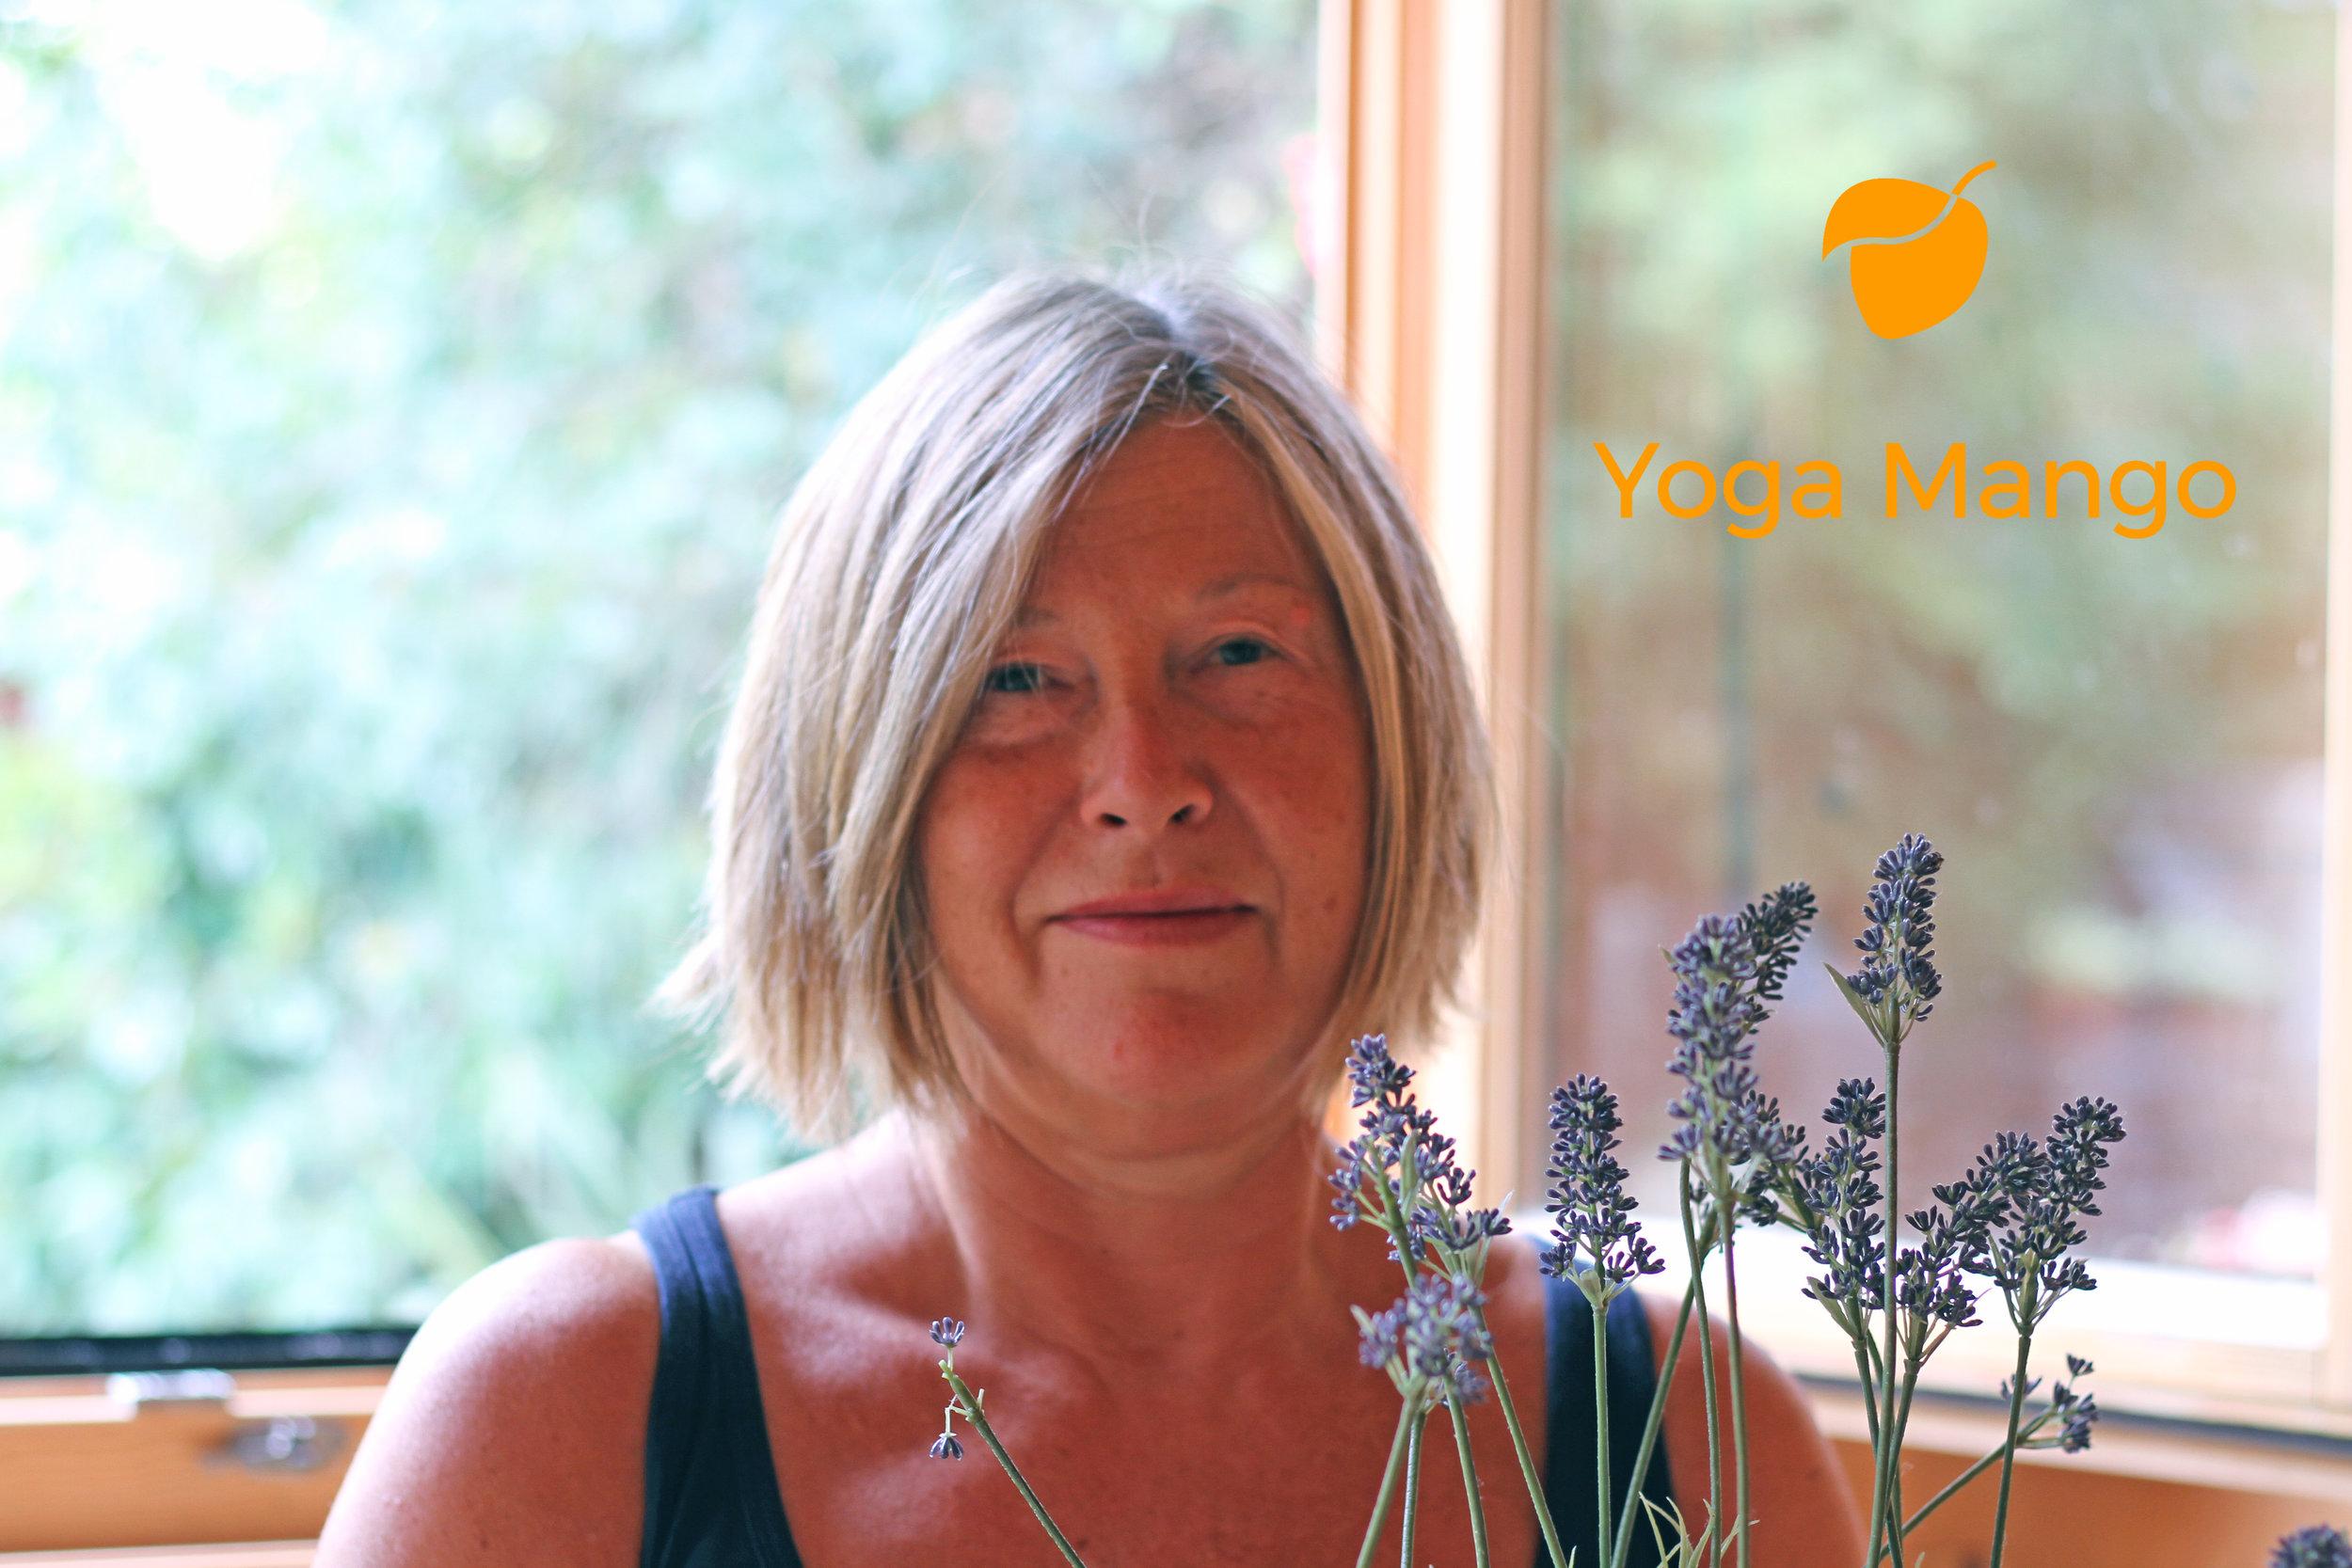 YogaMangoBlogLavender.jpg